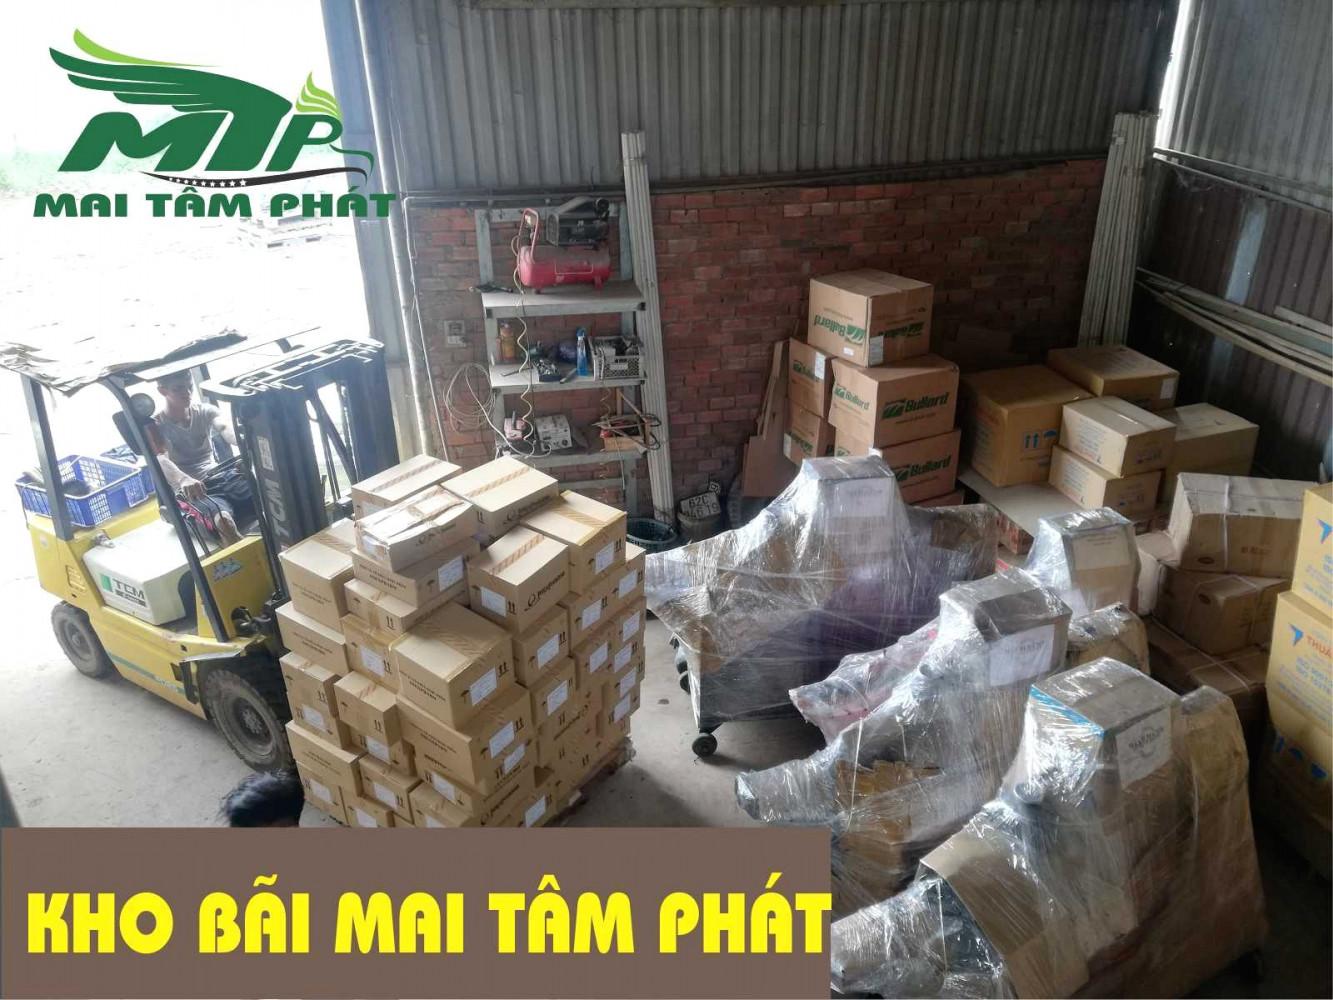 Quy trình thuê xe chuyên nghiệp tại Mai Tâm Phát